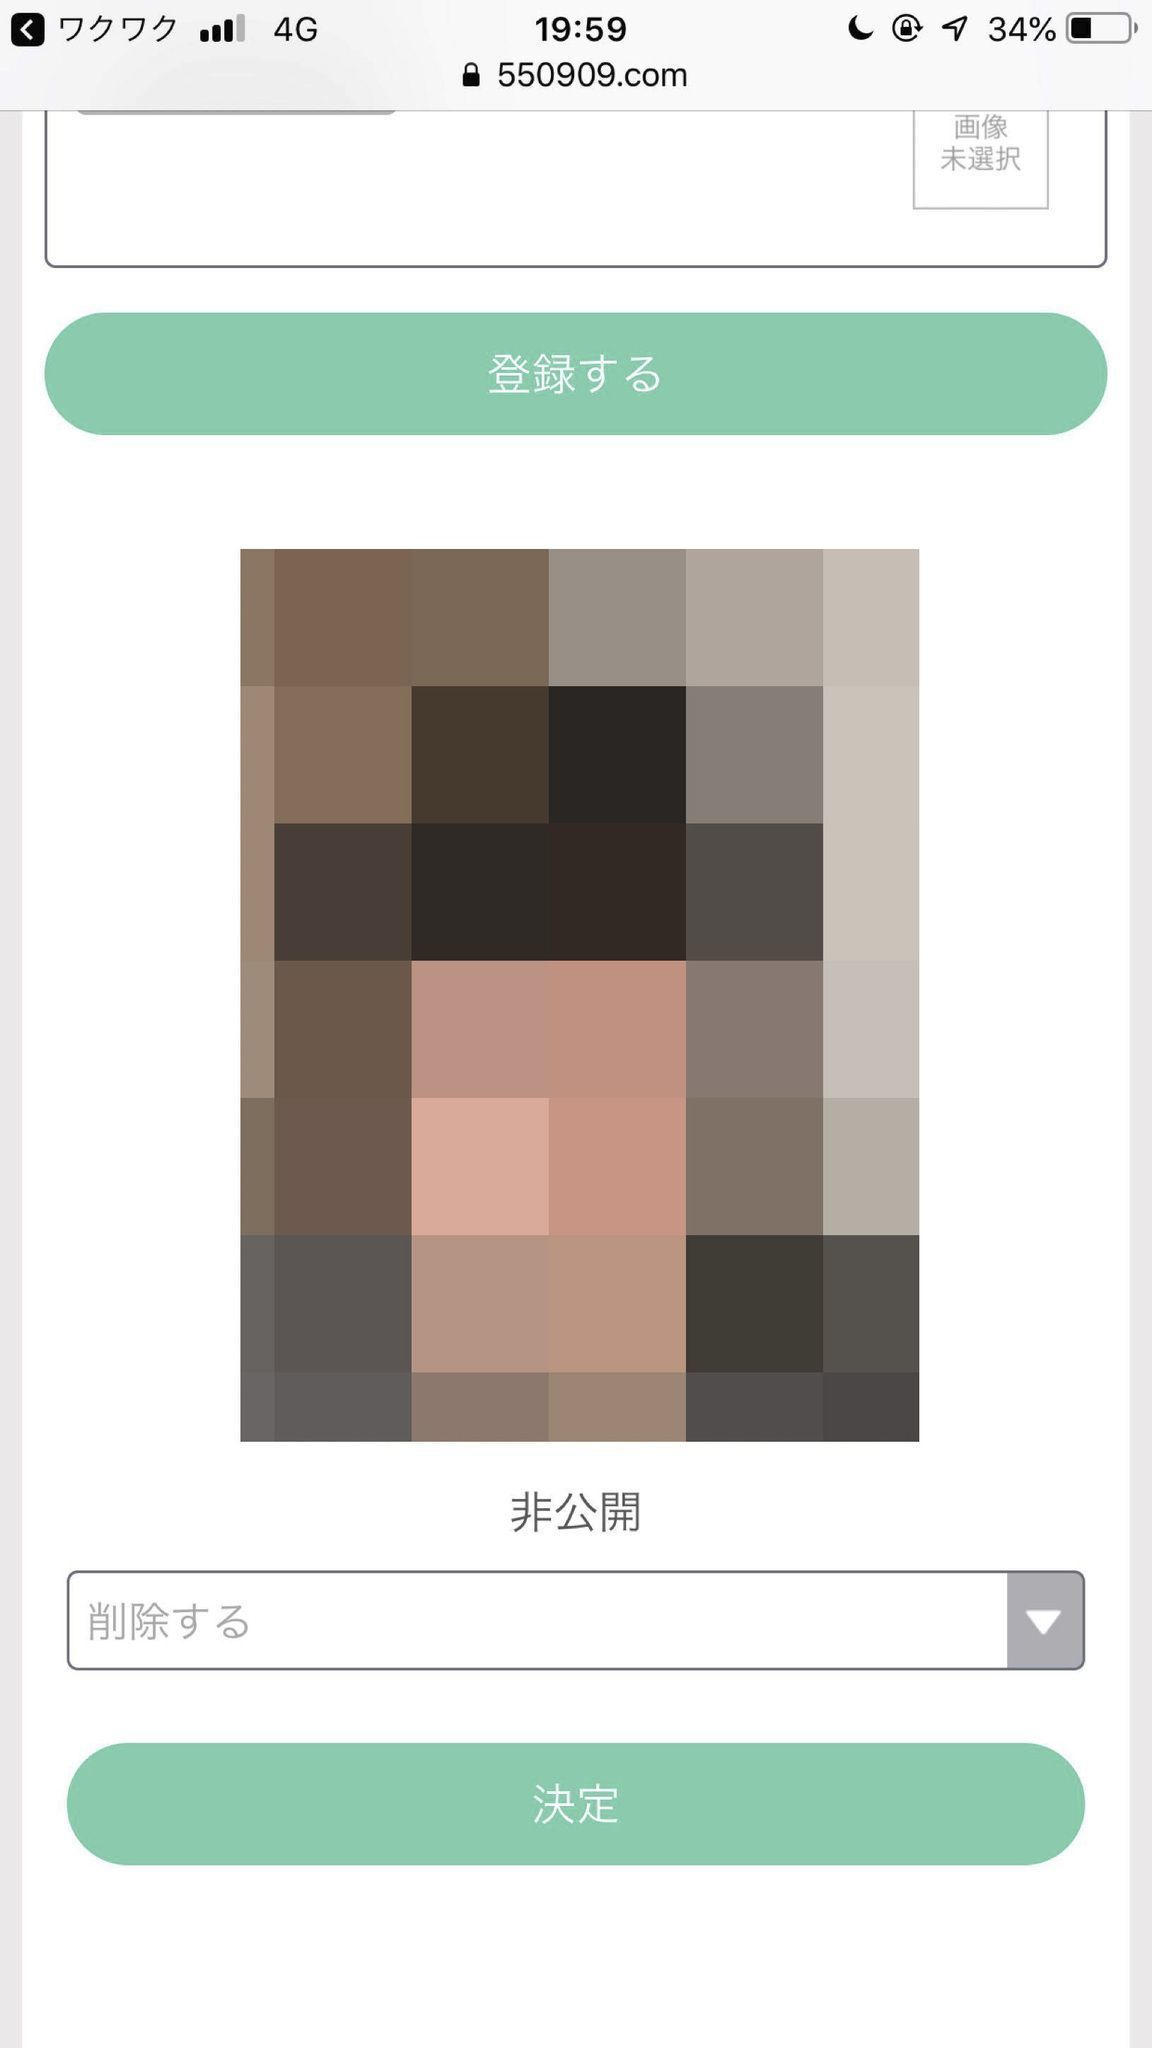 ワクワクメール プロフ画像の画面を一番下までスクロール